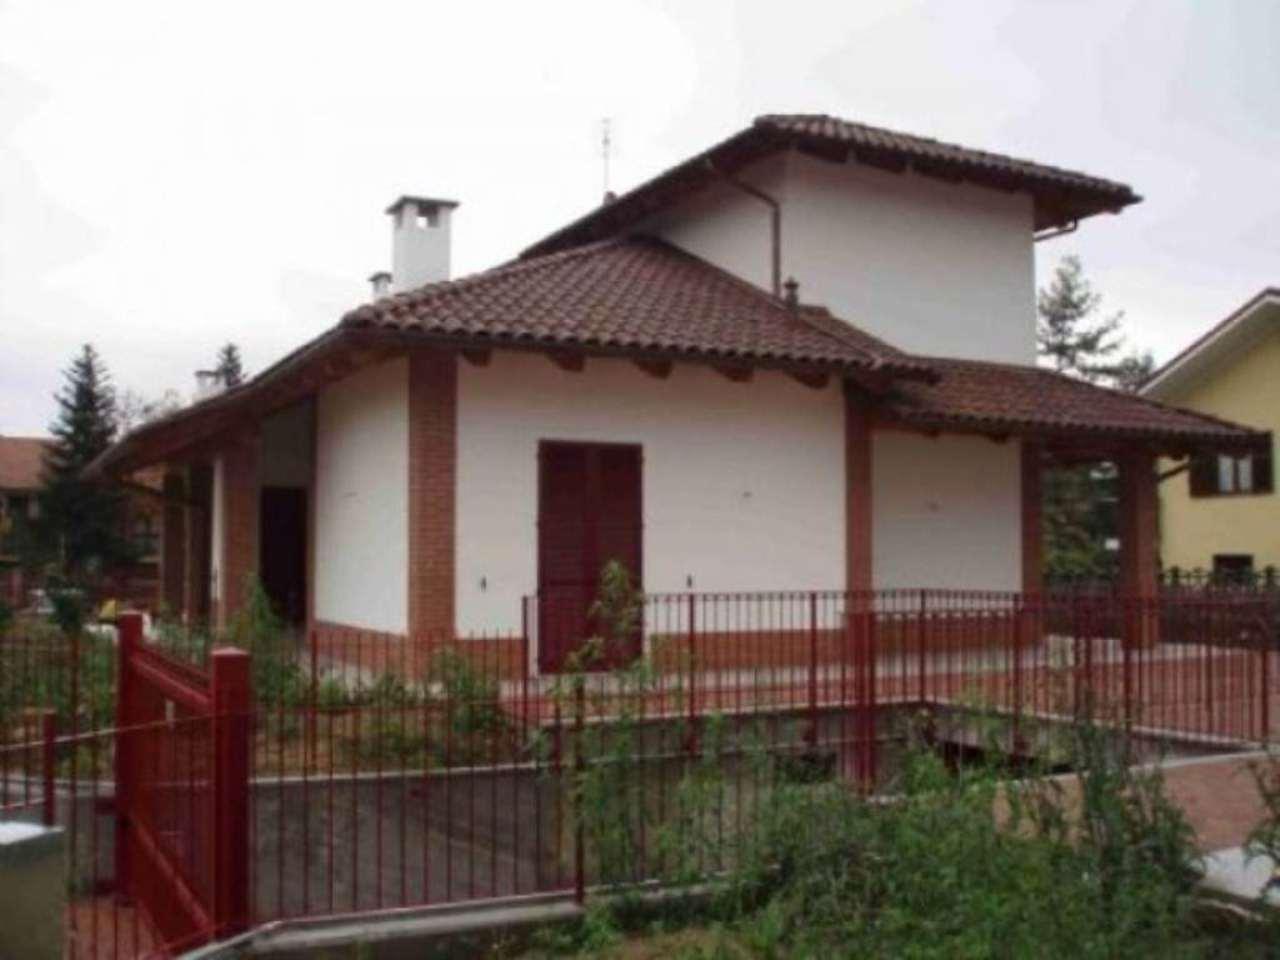 Soluzione Indipendente in vendita a Dusino San Michele, 6 locali, prezzo € 255.000 | Cambio Casa.it